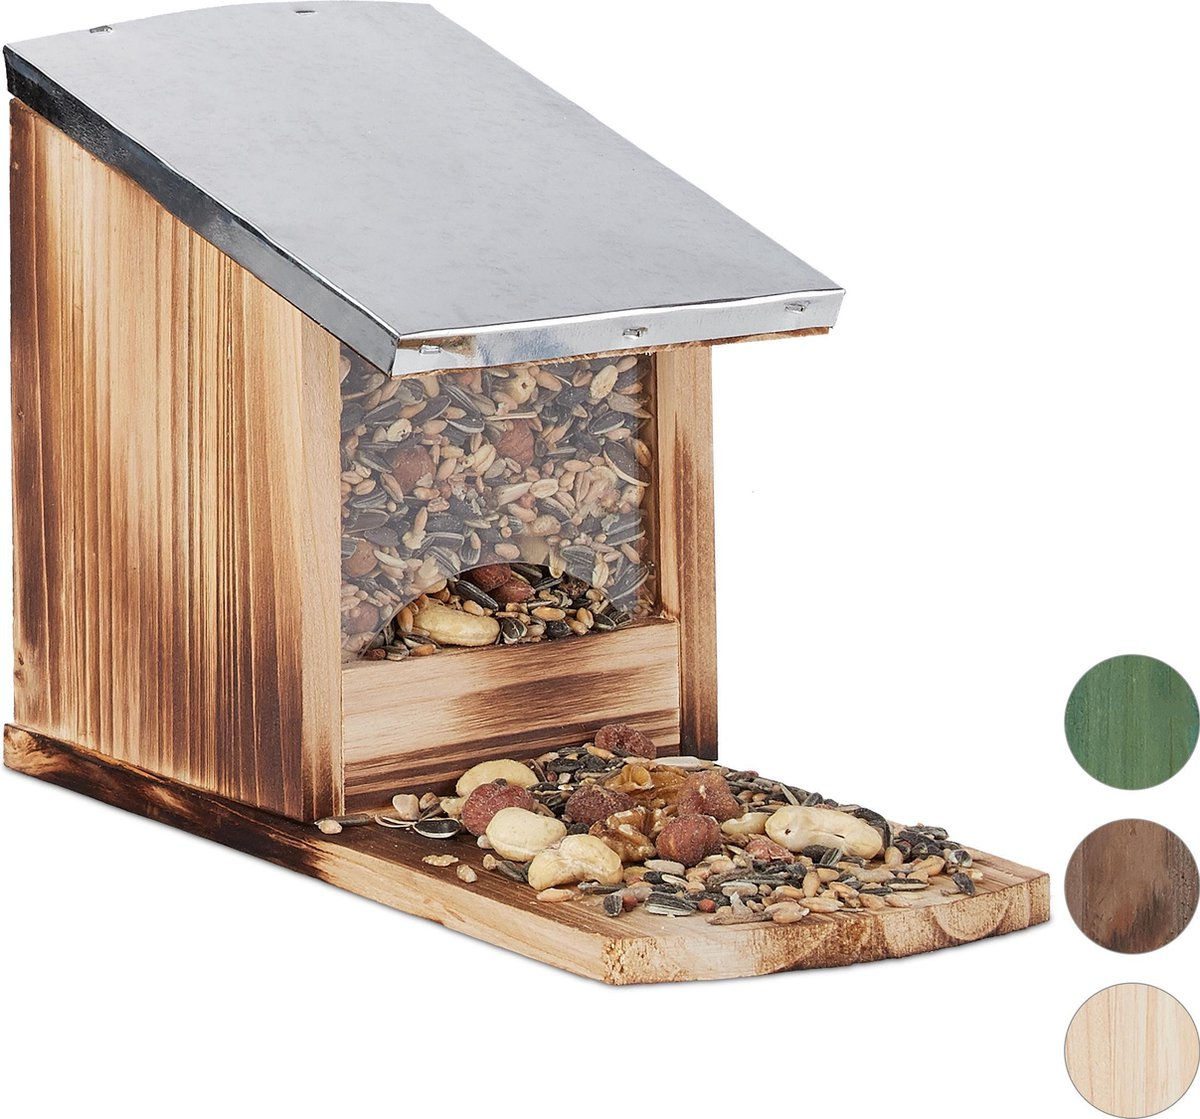 relaxdays eekhoorn voederhuisje - metalen dak - hout - voederhuis - voederkast Vlammen